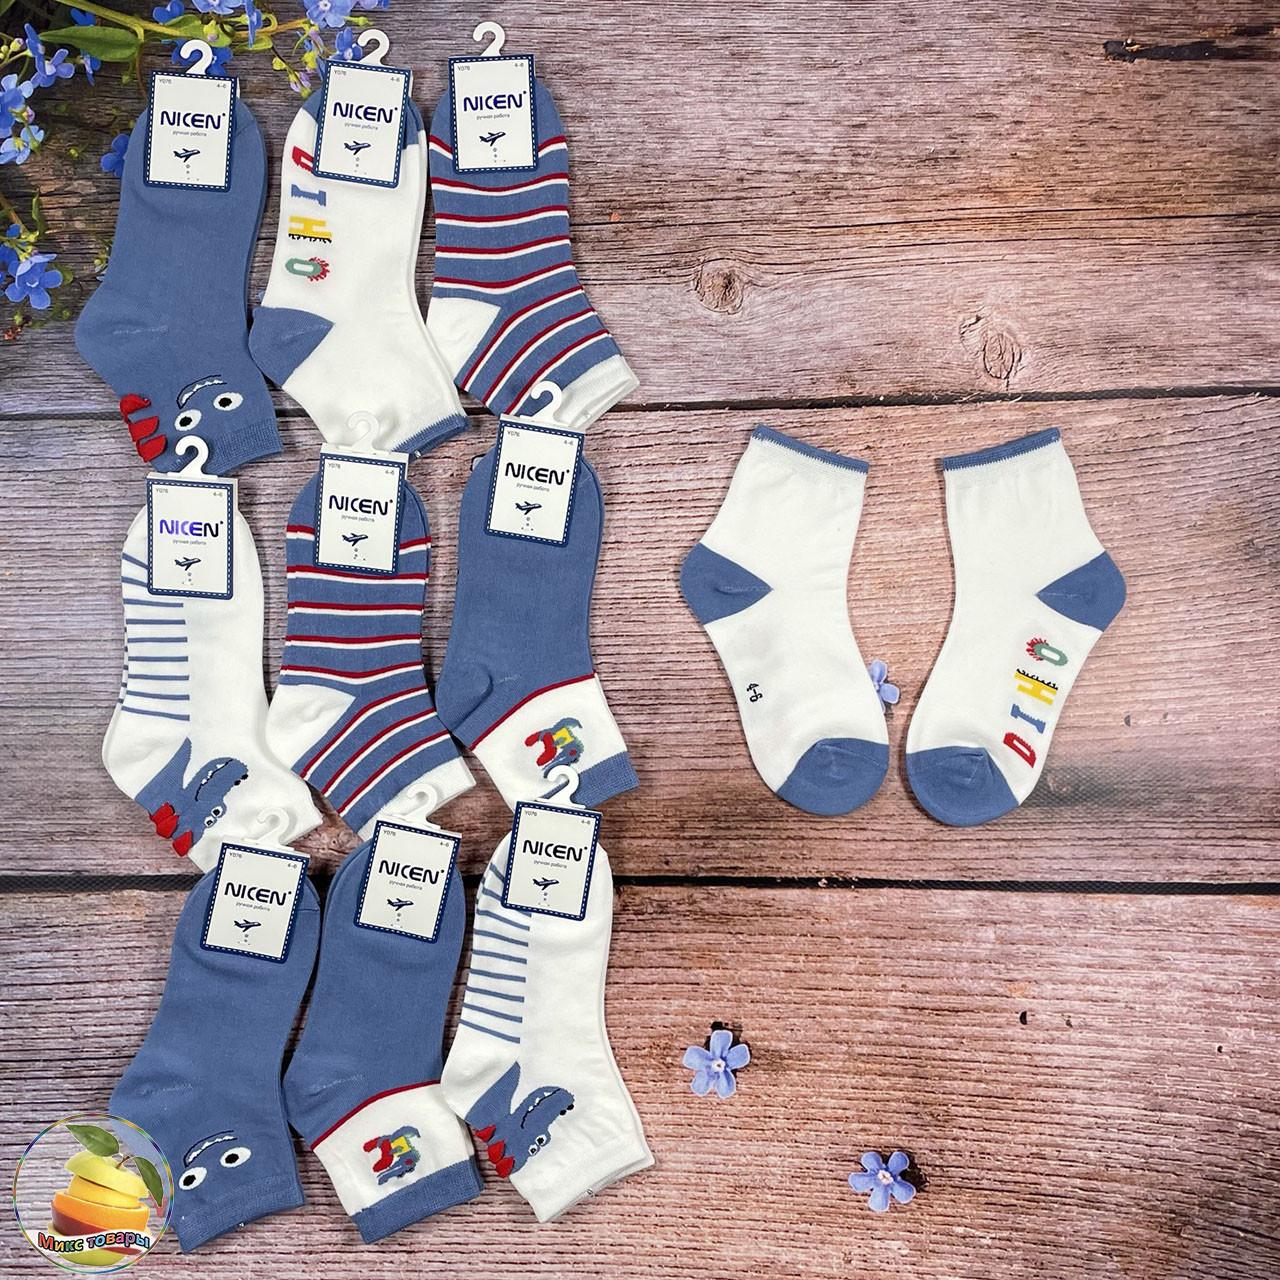 """Шкарпетки для хлопчика """"Nicen"""" Розмір: 4 - 6 років (01444-1)"""